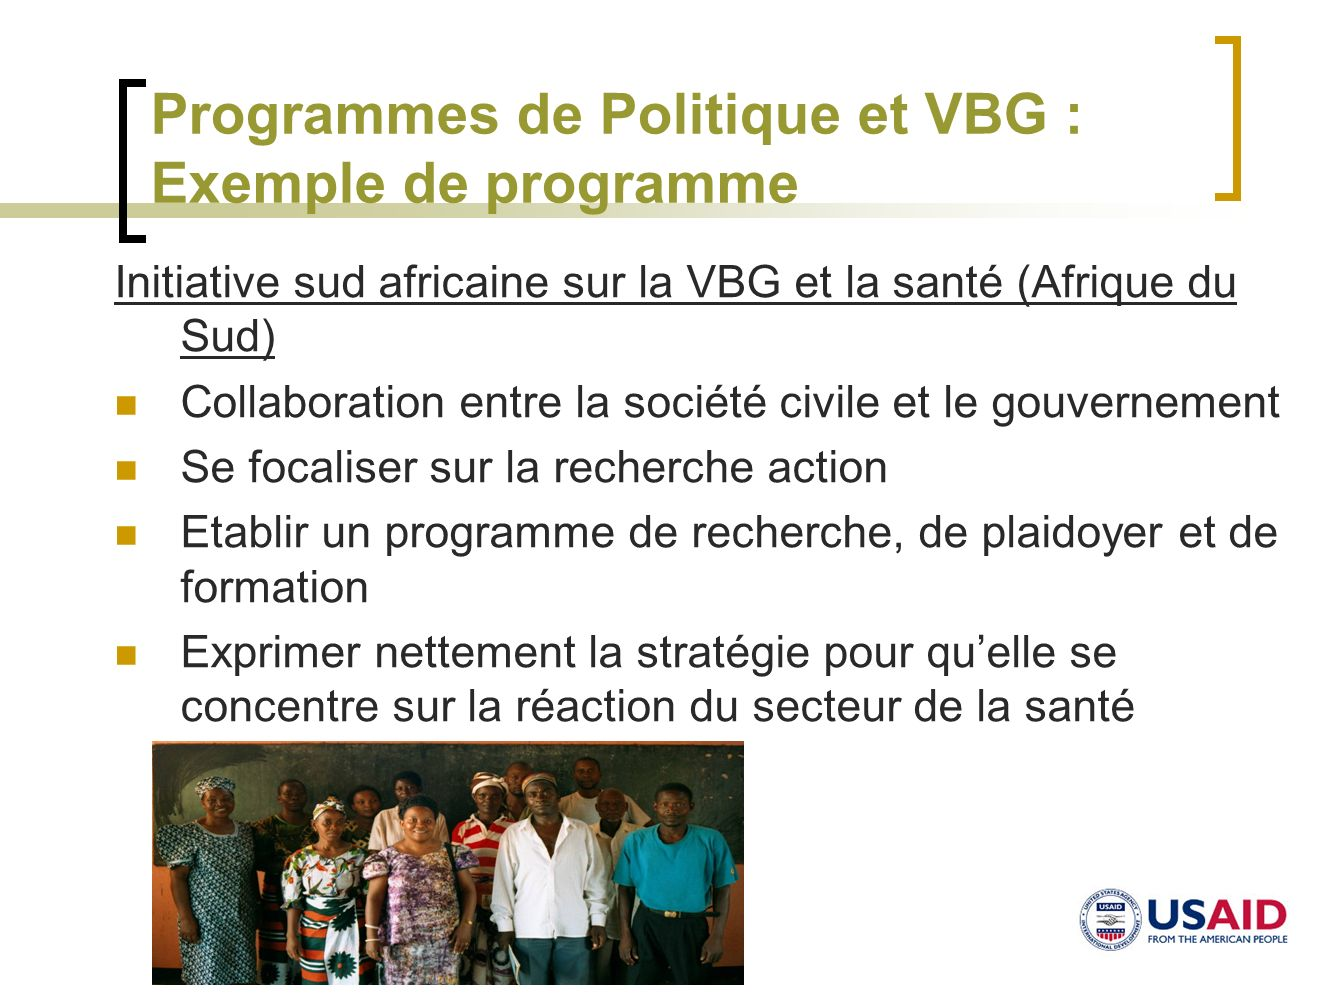 Programmes de Politique et VBG : Exemple de programme